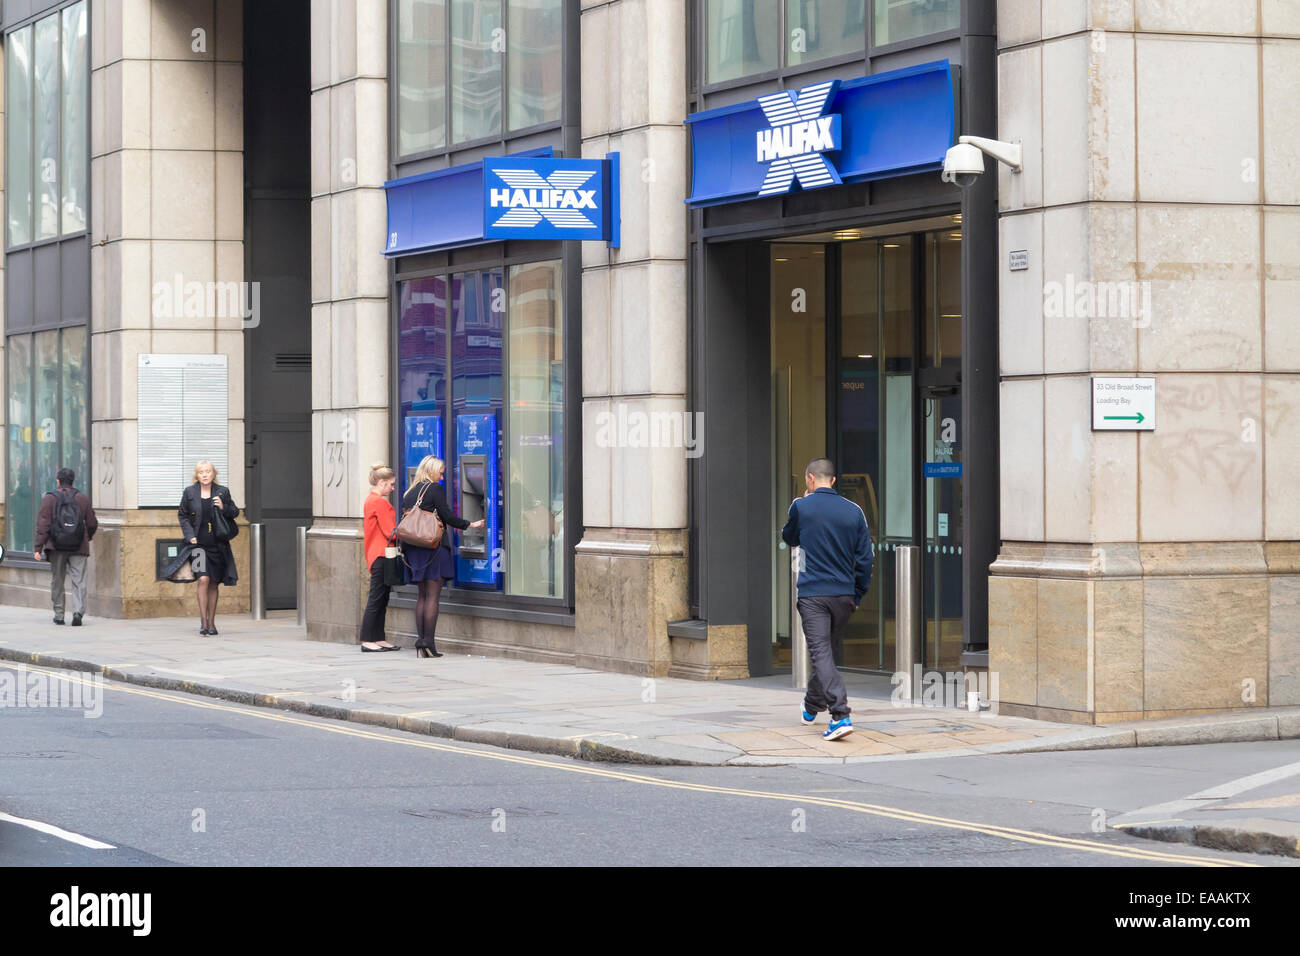 Halifax Bank Branch, London, UK Stockbild